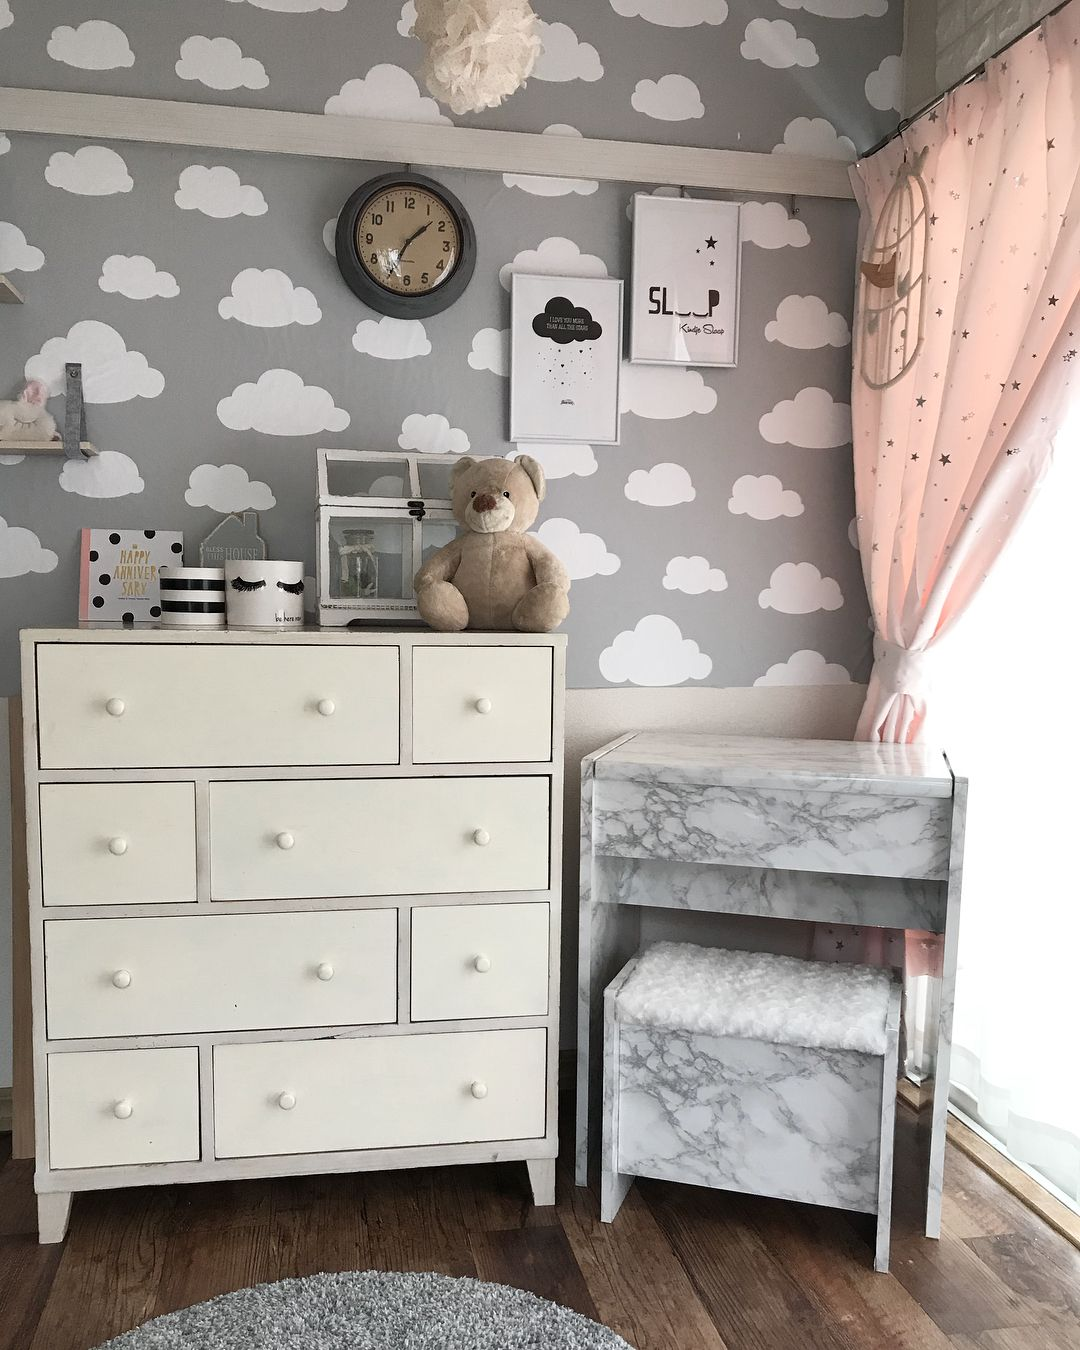 Maiikkoo On Instagram こんばんは 娘の部屋にずっとカーテンを探していたんだけど なかなかこれ って思うのがなくて でも今日コーナンに行って たまたまカーテン売り場を見たら可愛いの発見 色もお値段もナイス 古い 178 2枚入りで29 娘の